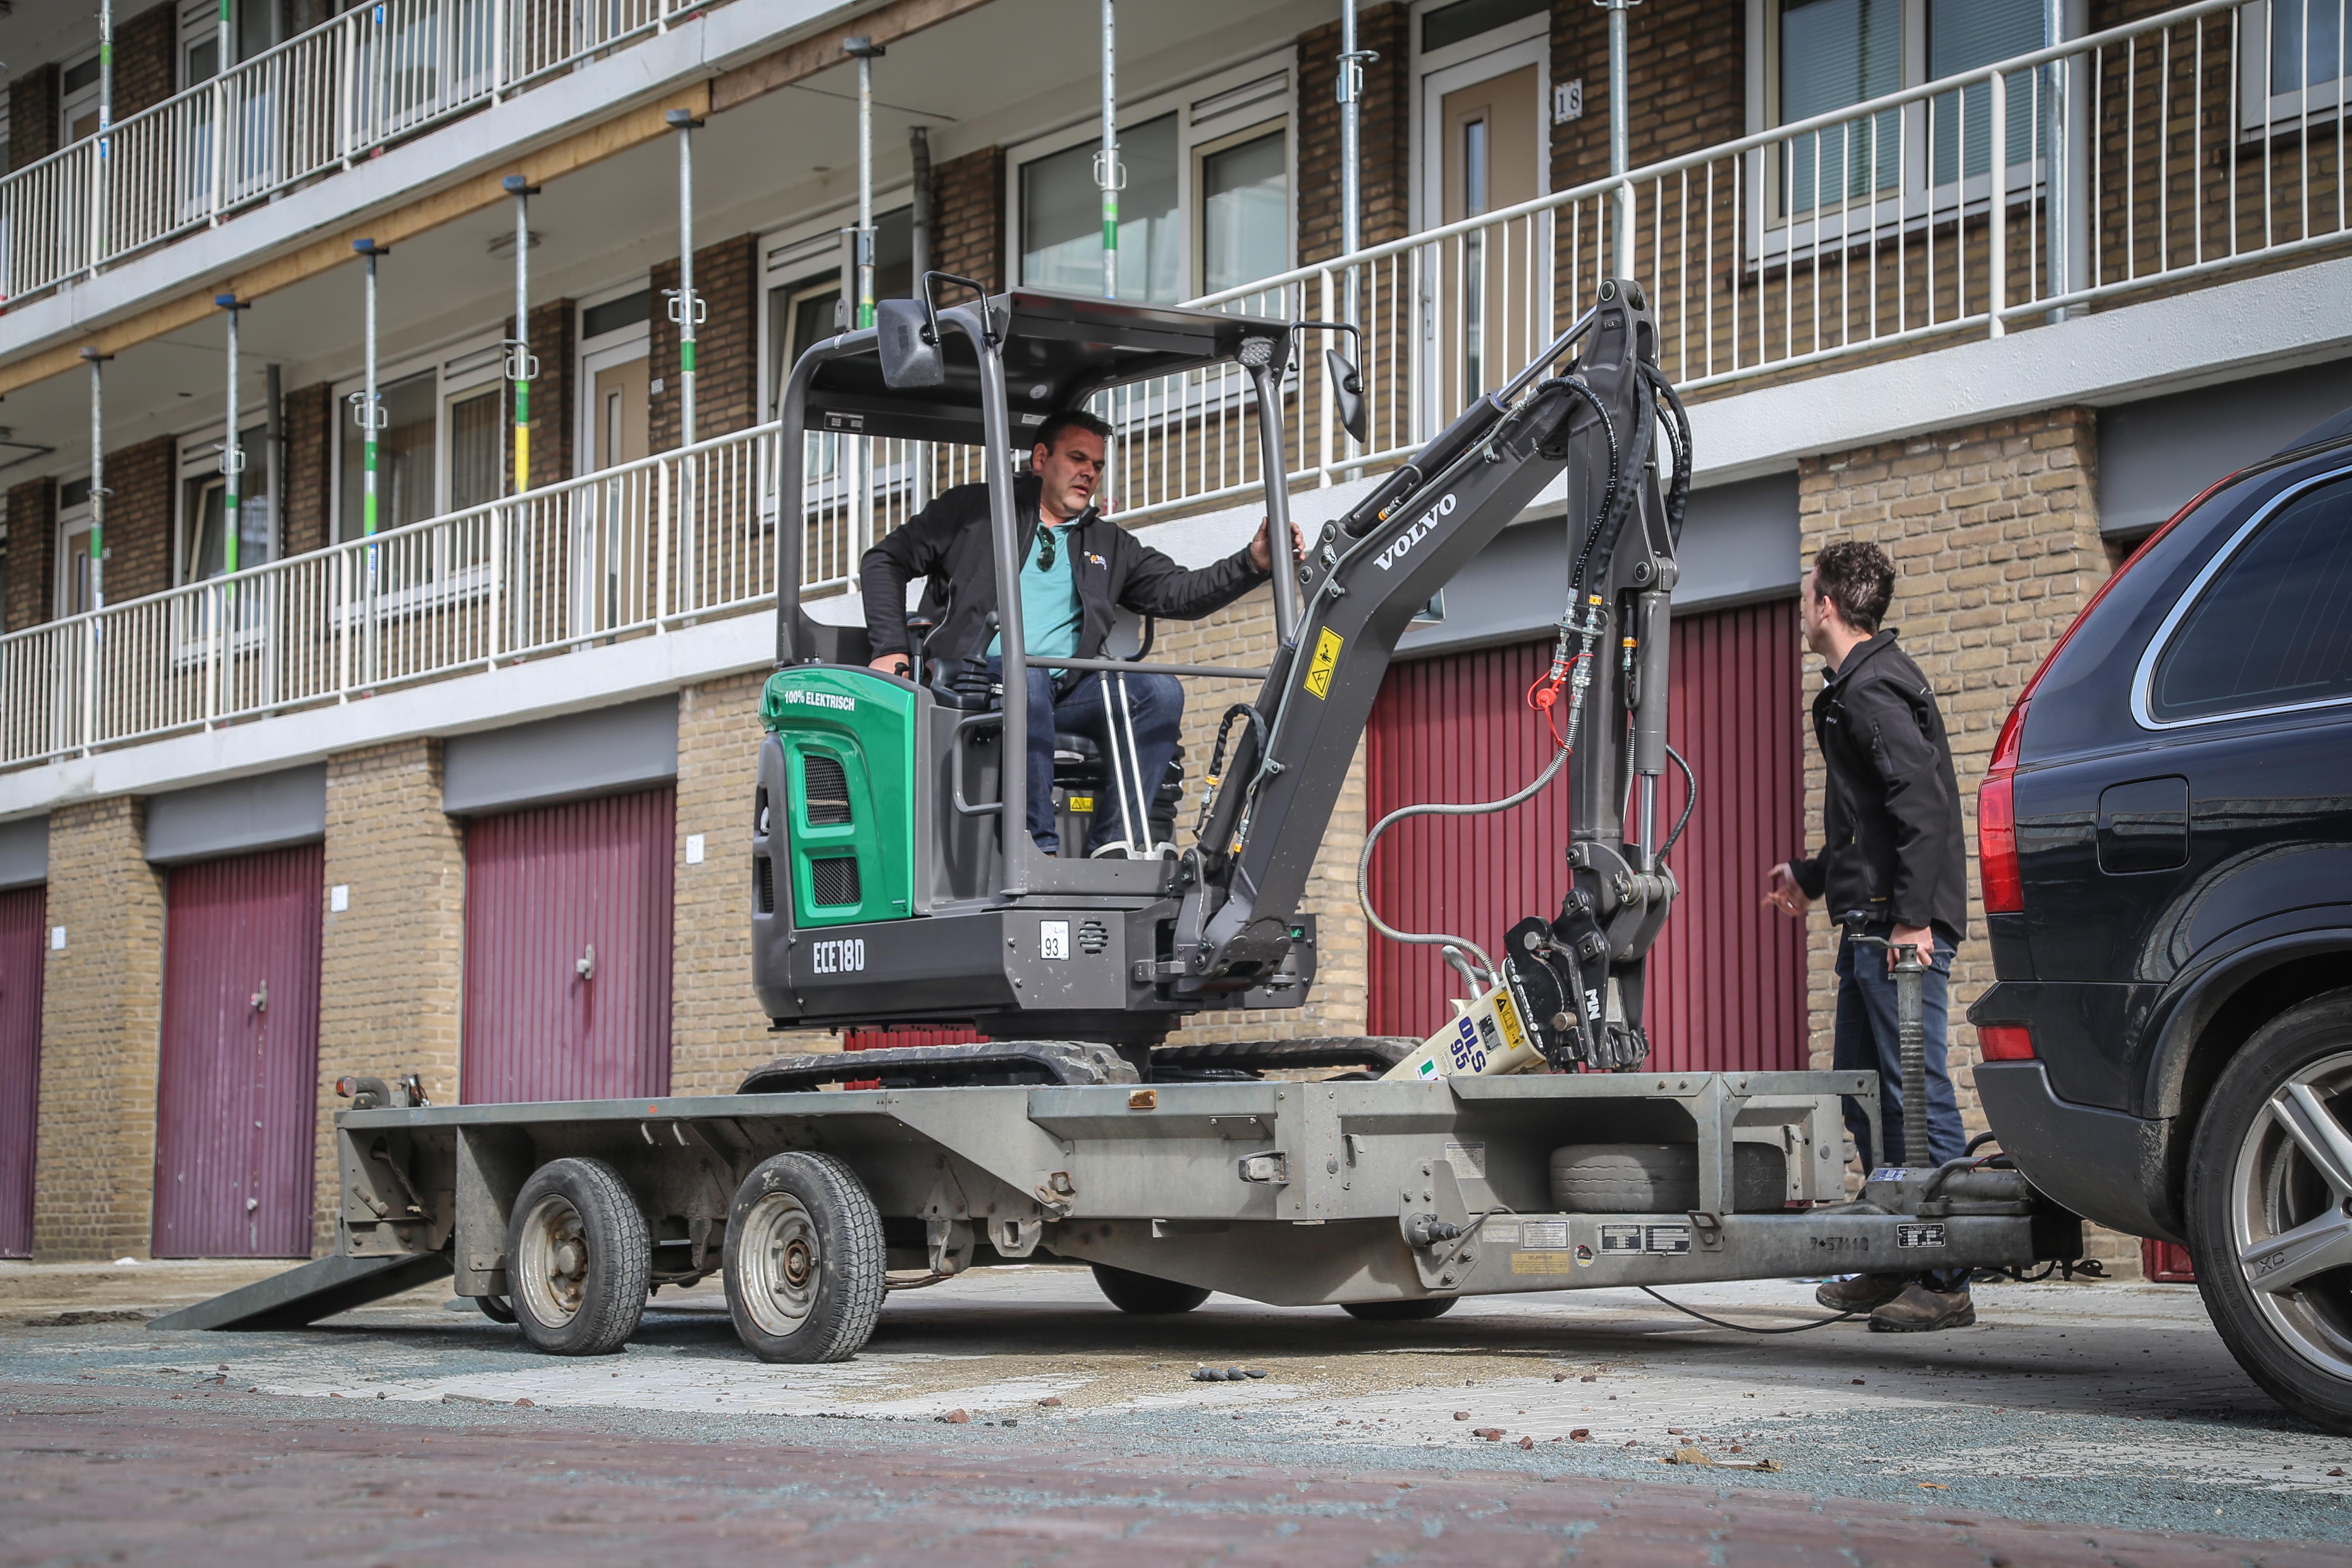 <p>Voorlopig gaat de elektrische Volvo via de verhuur de markt op. Rens de Bruijn wil een eerste serie laten bouwen voor de verkoop. Dan zal ook de aankoopprijs vastgesteld worden. </p>